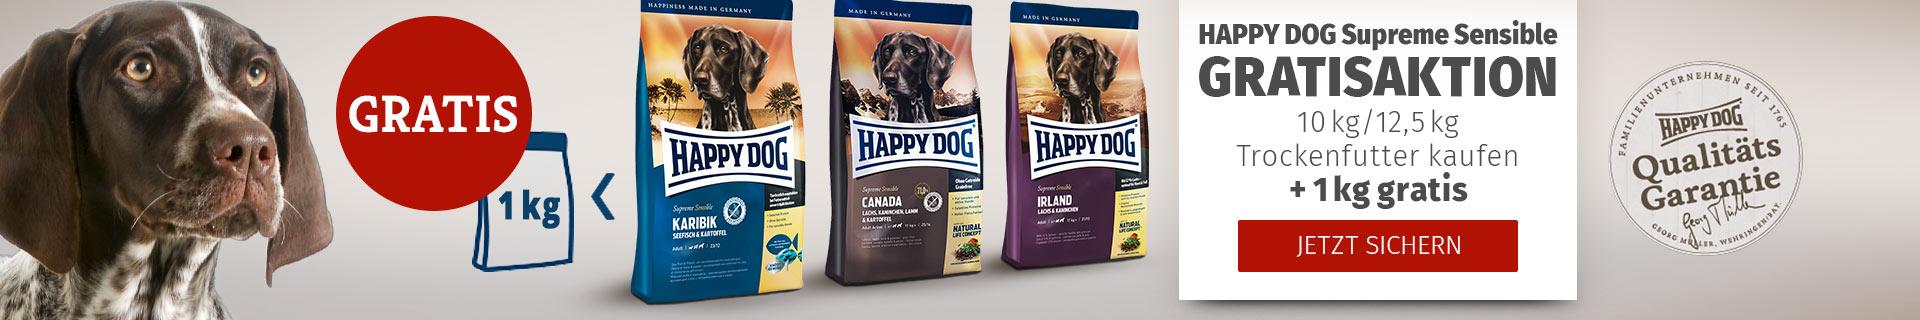 Happy Dog Supreme Sensible Sparaktion 10kg/12,5kg bestellen + 1kg gratis